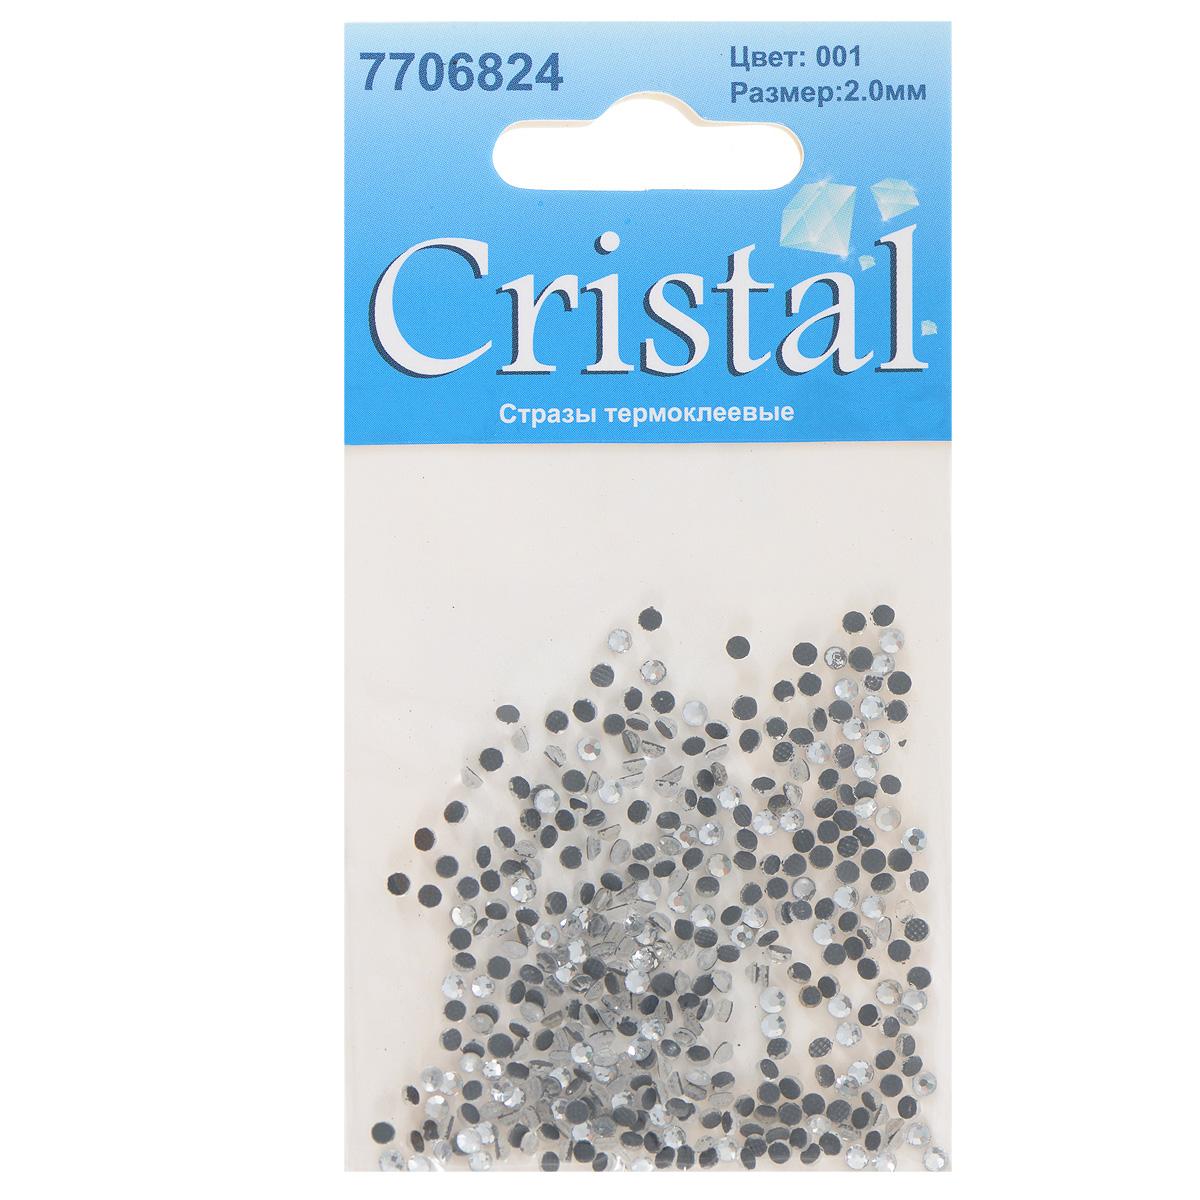 Стразы термоклеевые Cristal, цвет: белый (001), диаметр 2 мм, 432 шт7706824_001Набор термоклеевых страз Cristal, изготовленный из высококачественного акрила, позволит вам украсить одежду, аксессуары или текстиль. Яркие стразы имеют плоское дно и круглую поверхность с гранями. Дно термоклеевых страз уже обработано особым клеем, который под воздействием высоких температур начинает плавиться, приклеиваясь, таким образом, к требуемой поверхности. Чаще всего их используют в текстильной промышленности: стразы прикладывают к ткани и проглаживают утюгом с обратной стороны. Также можно использовать специальный паяльник. Украшение стразами поможет сделать любую вещь оригинальной и неповторимой. Диаметр страз: 2 мм.